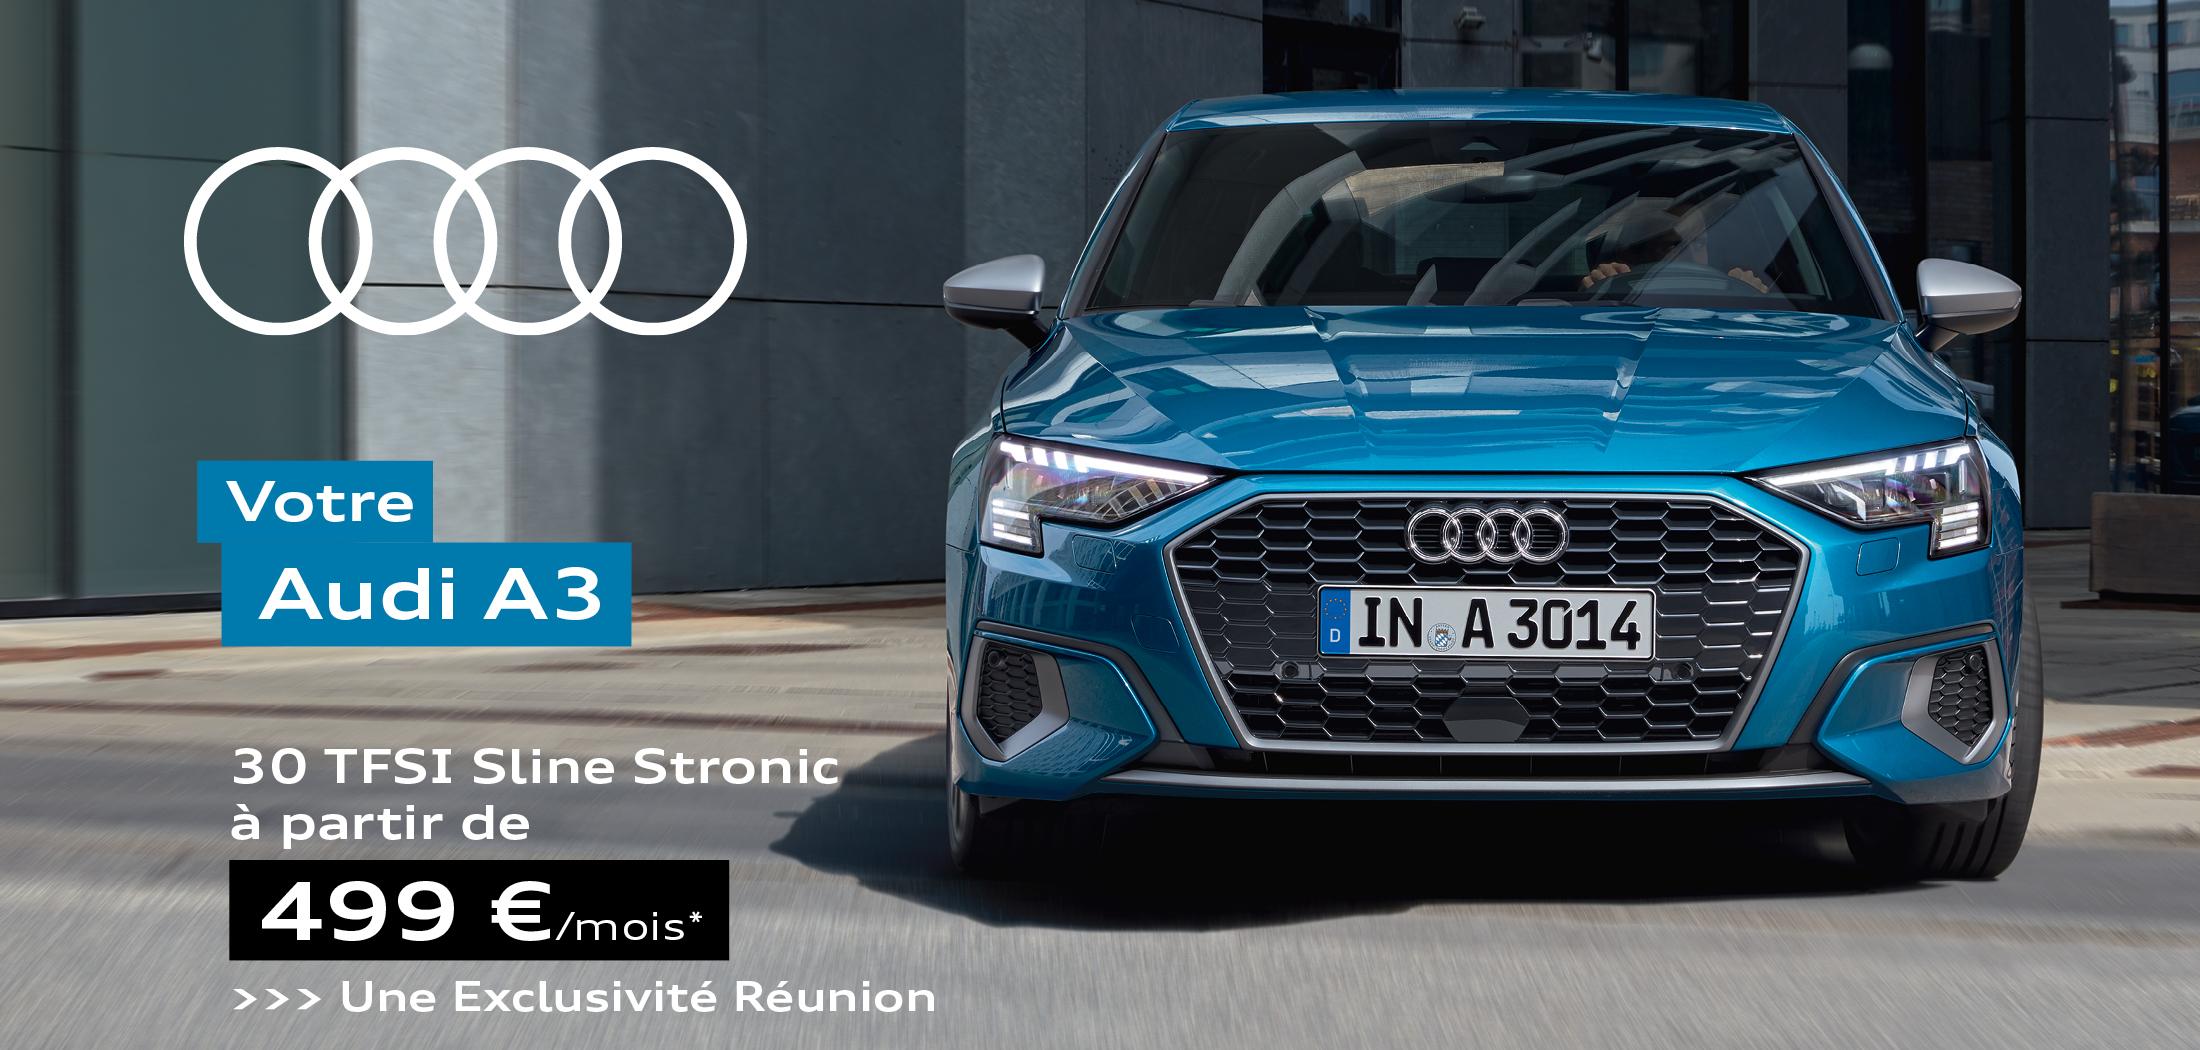 Audi A3 30 TFSI Sline Stronic à partir de 499€ par mois